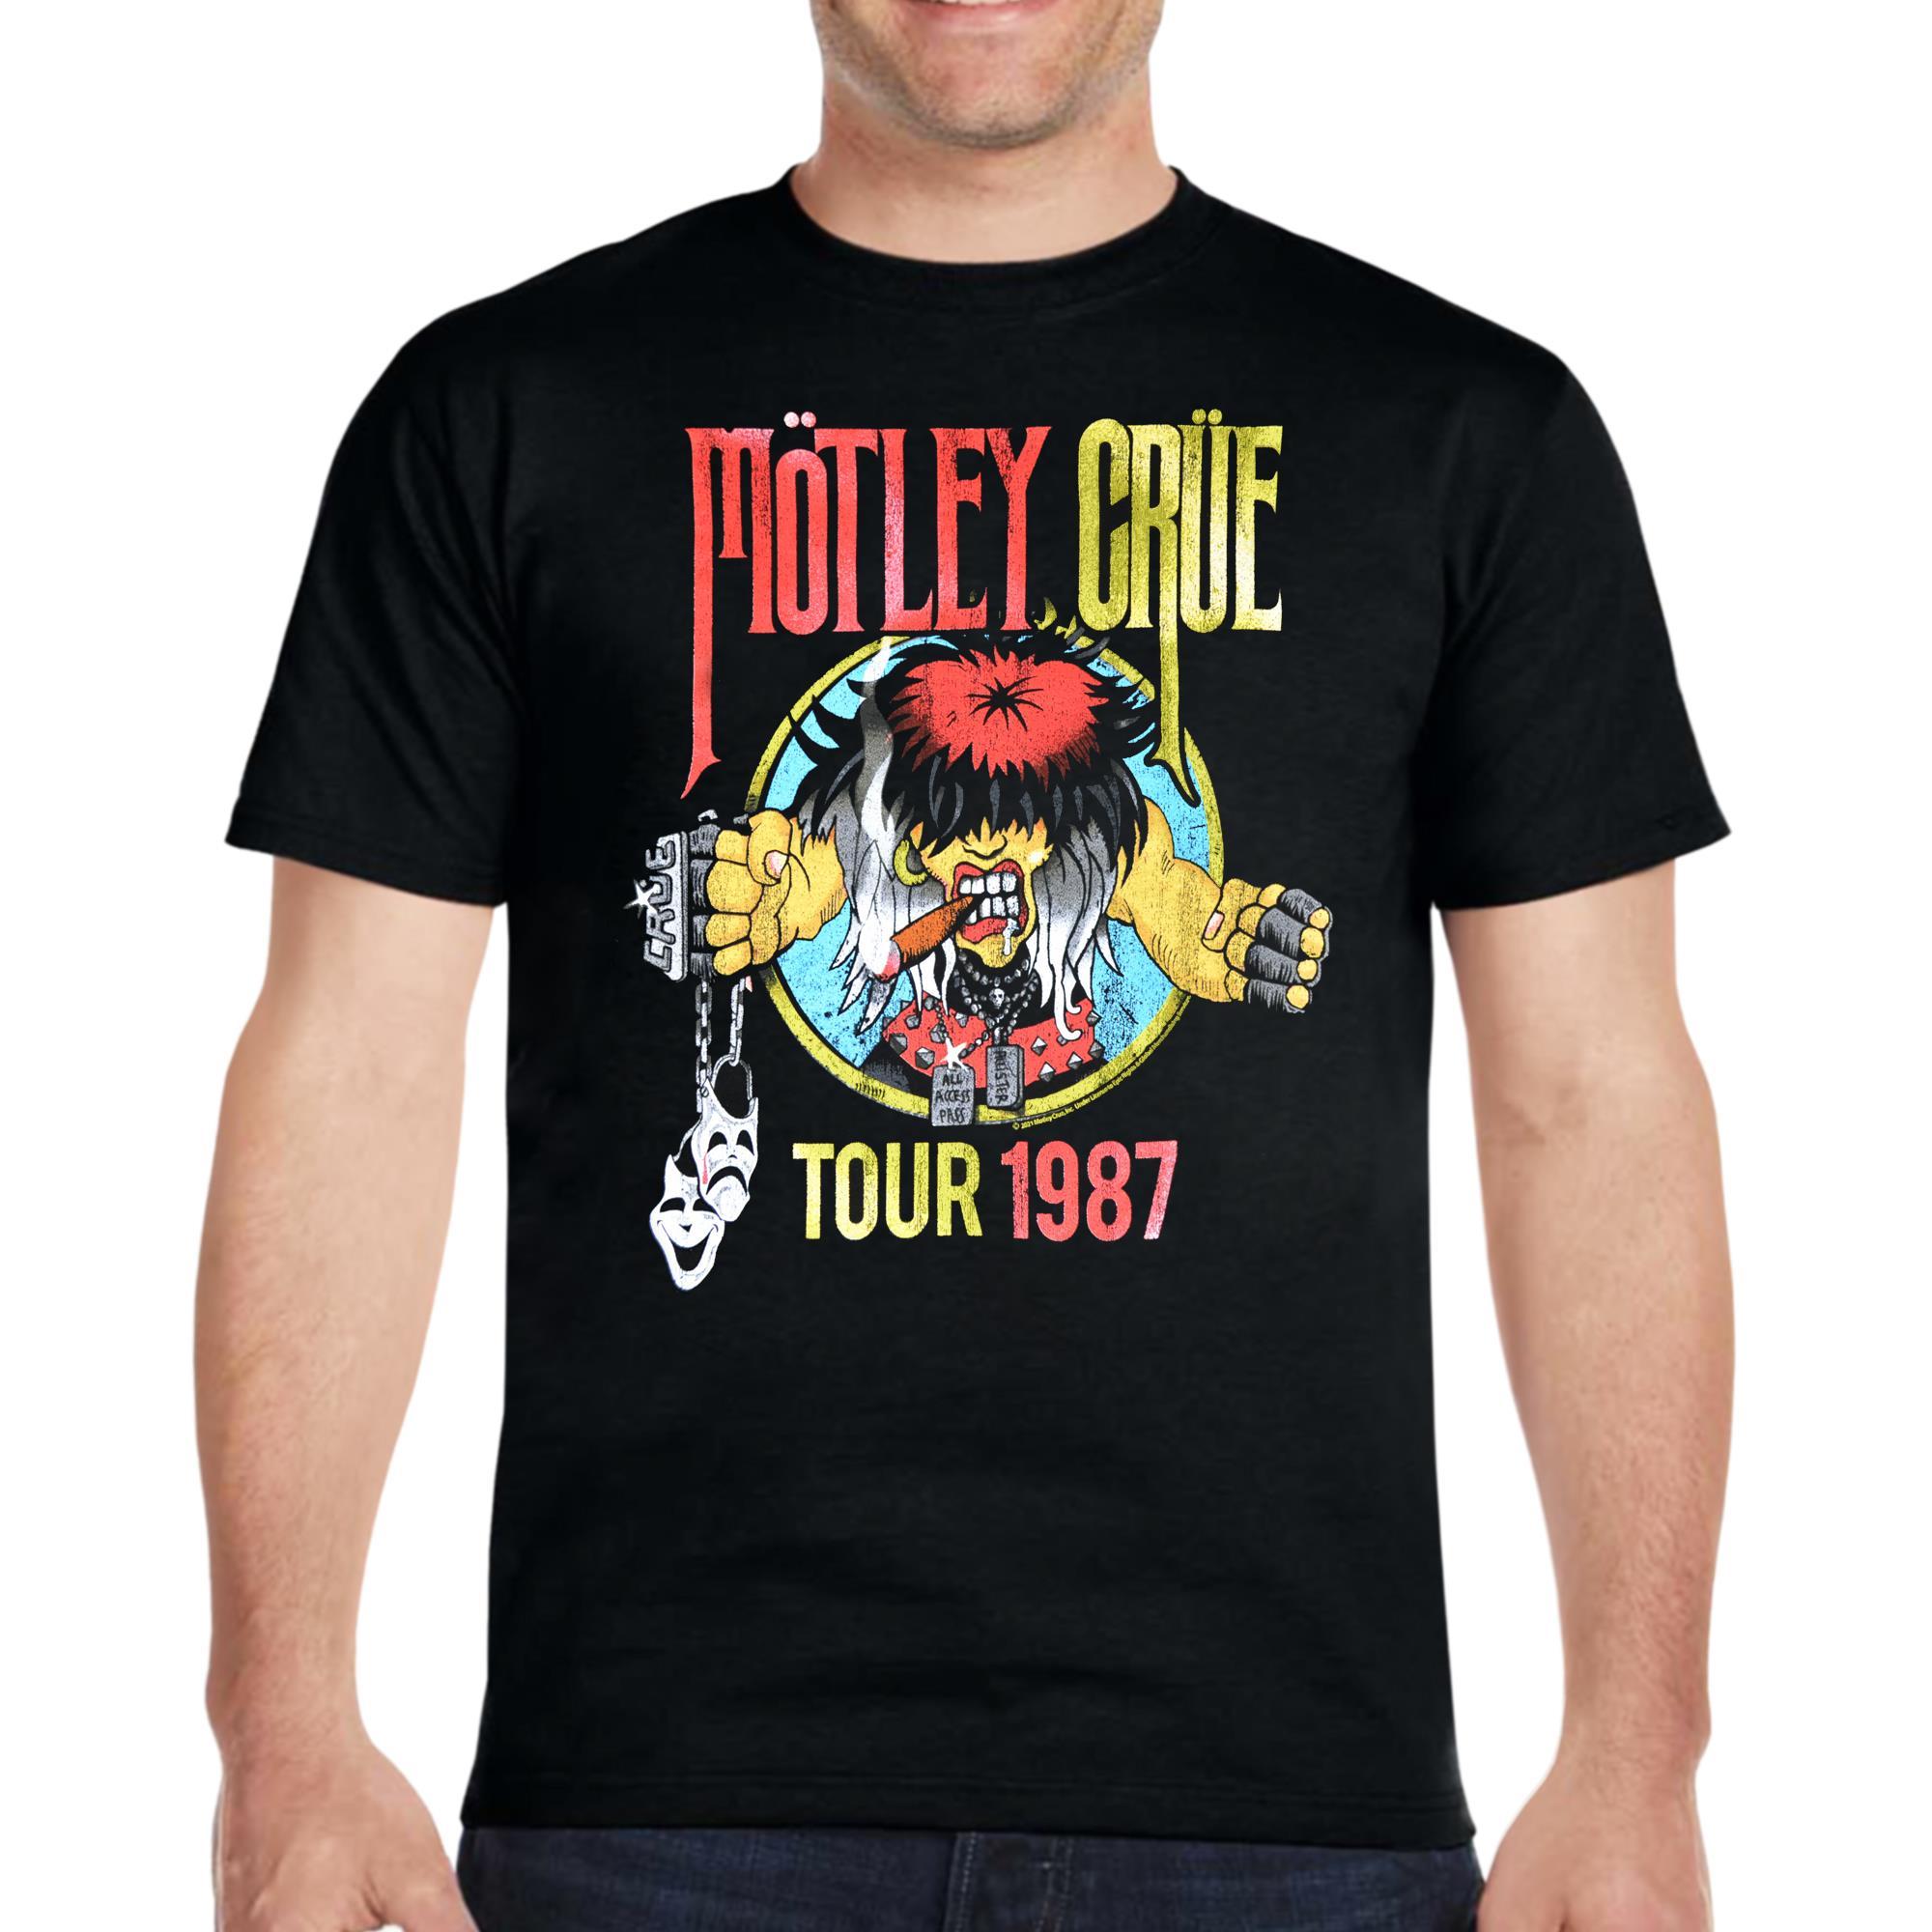 Tour 1987